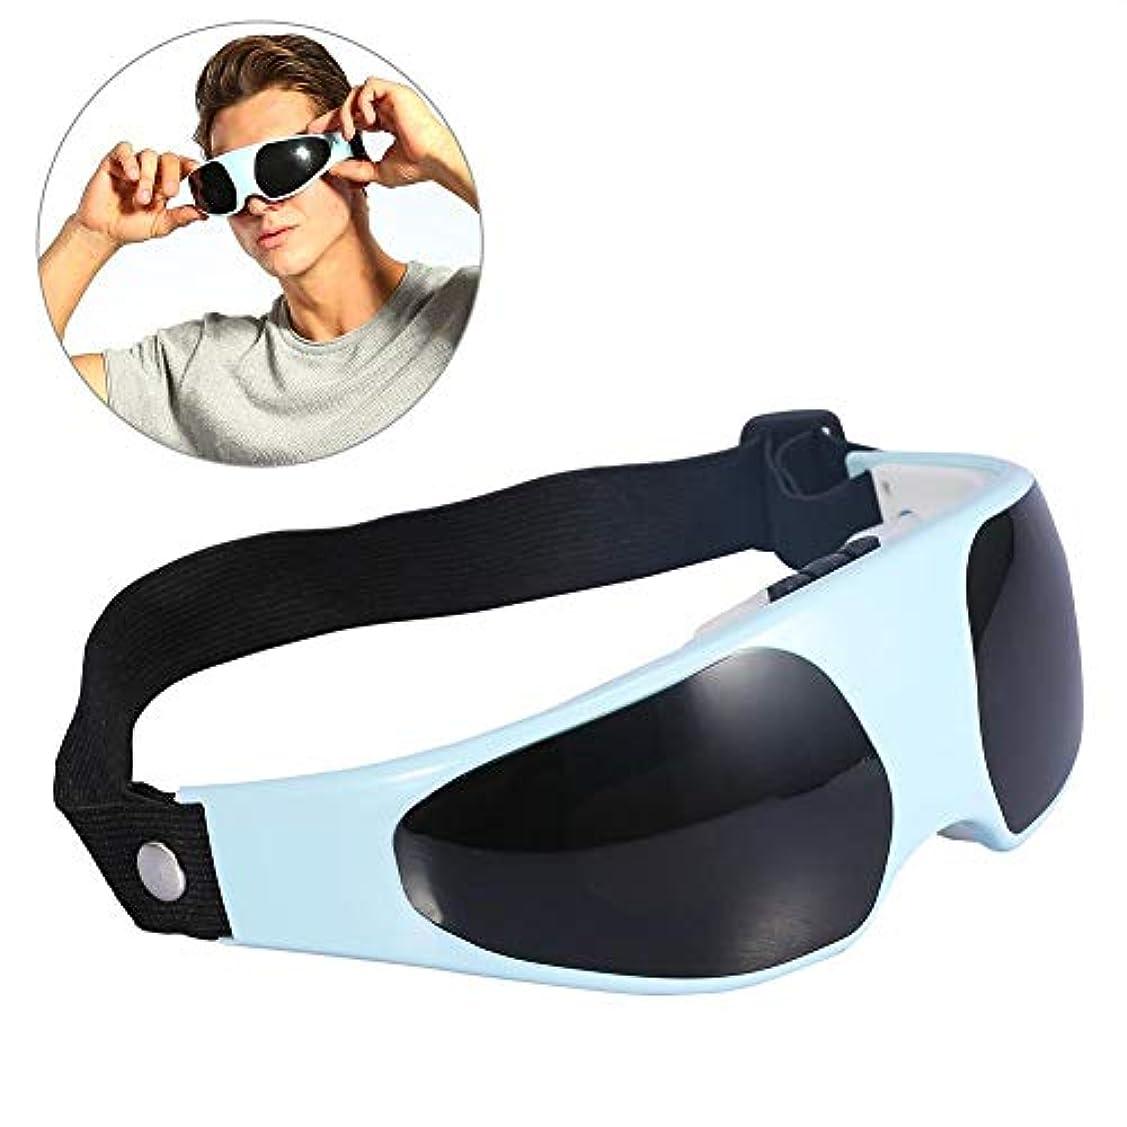 お勧めシンポジウム氷アイマッサージャー、コードレス電動アイマスクマッサージ新しい便利なエレクトリックリリーフ疲労ヘルシー片頭痛マスク額アイマッサージャーヘルスケア